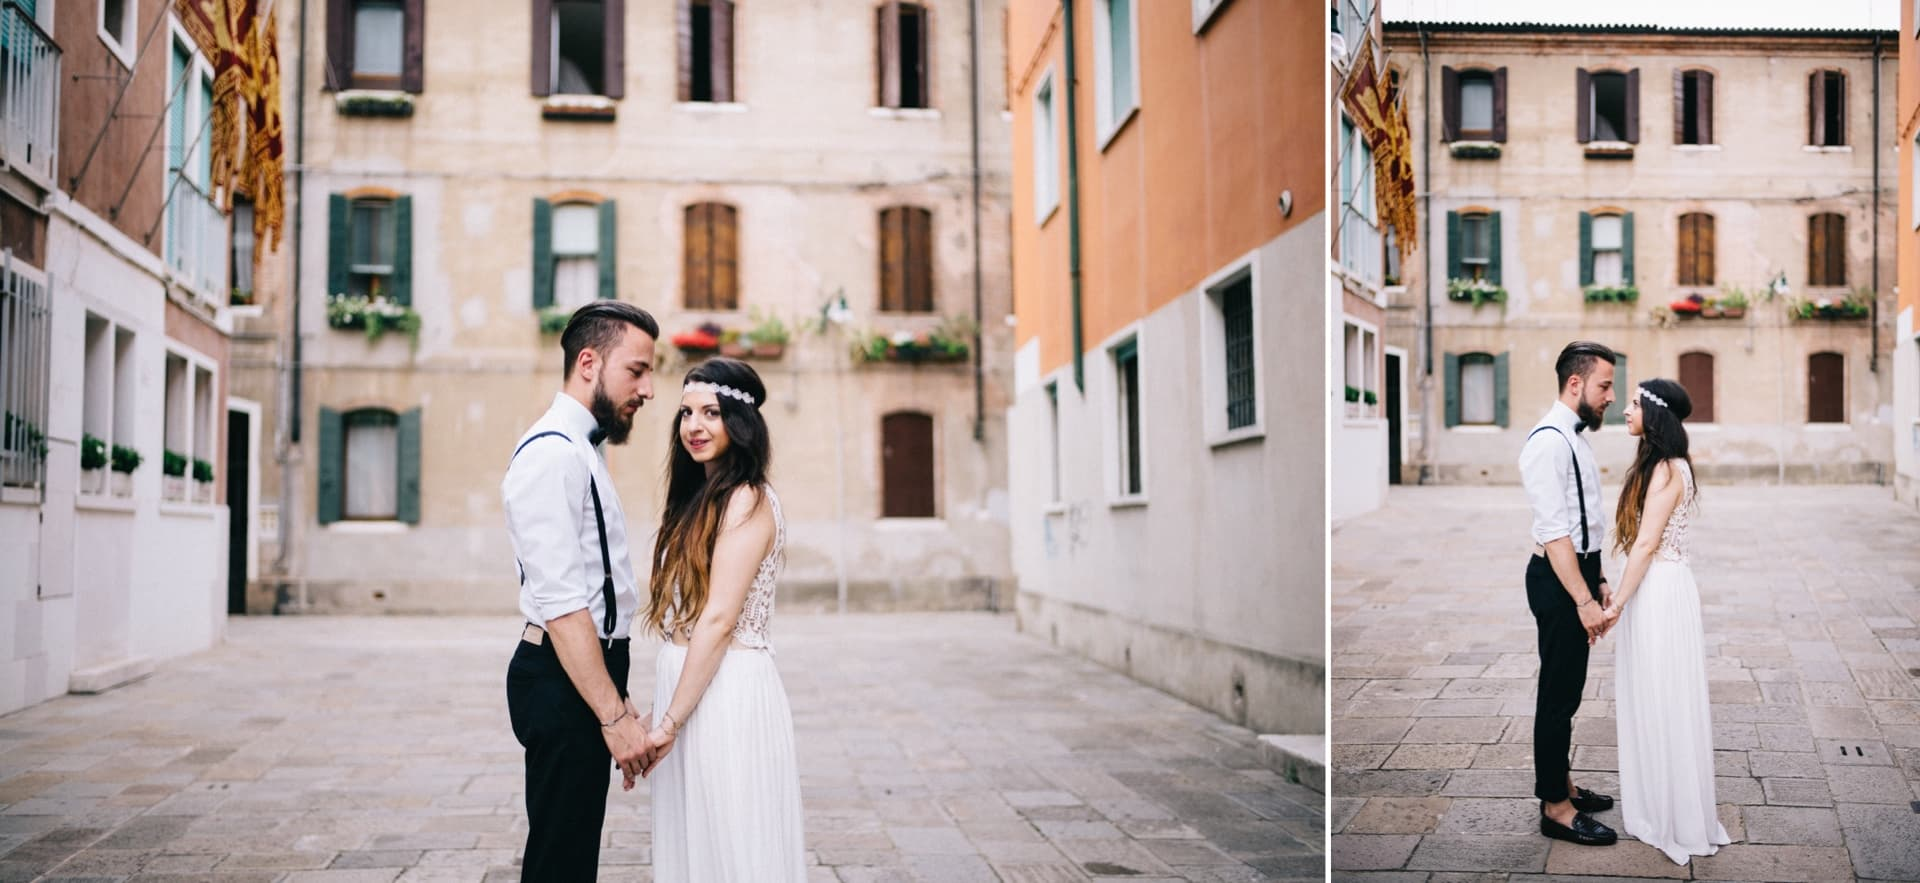 Brautpaar in Venedig